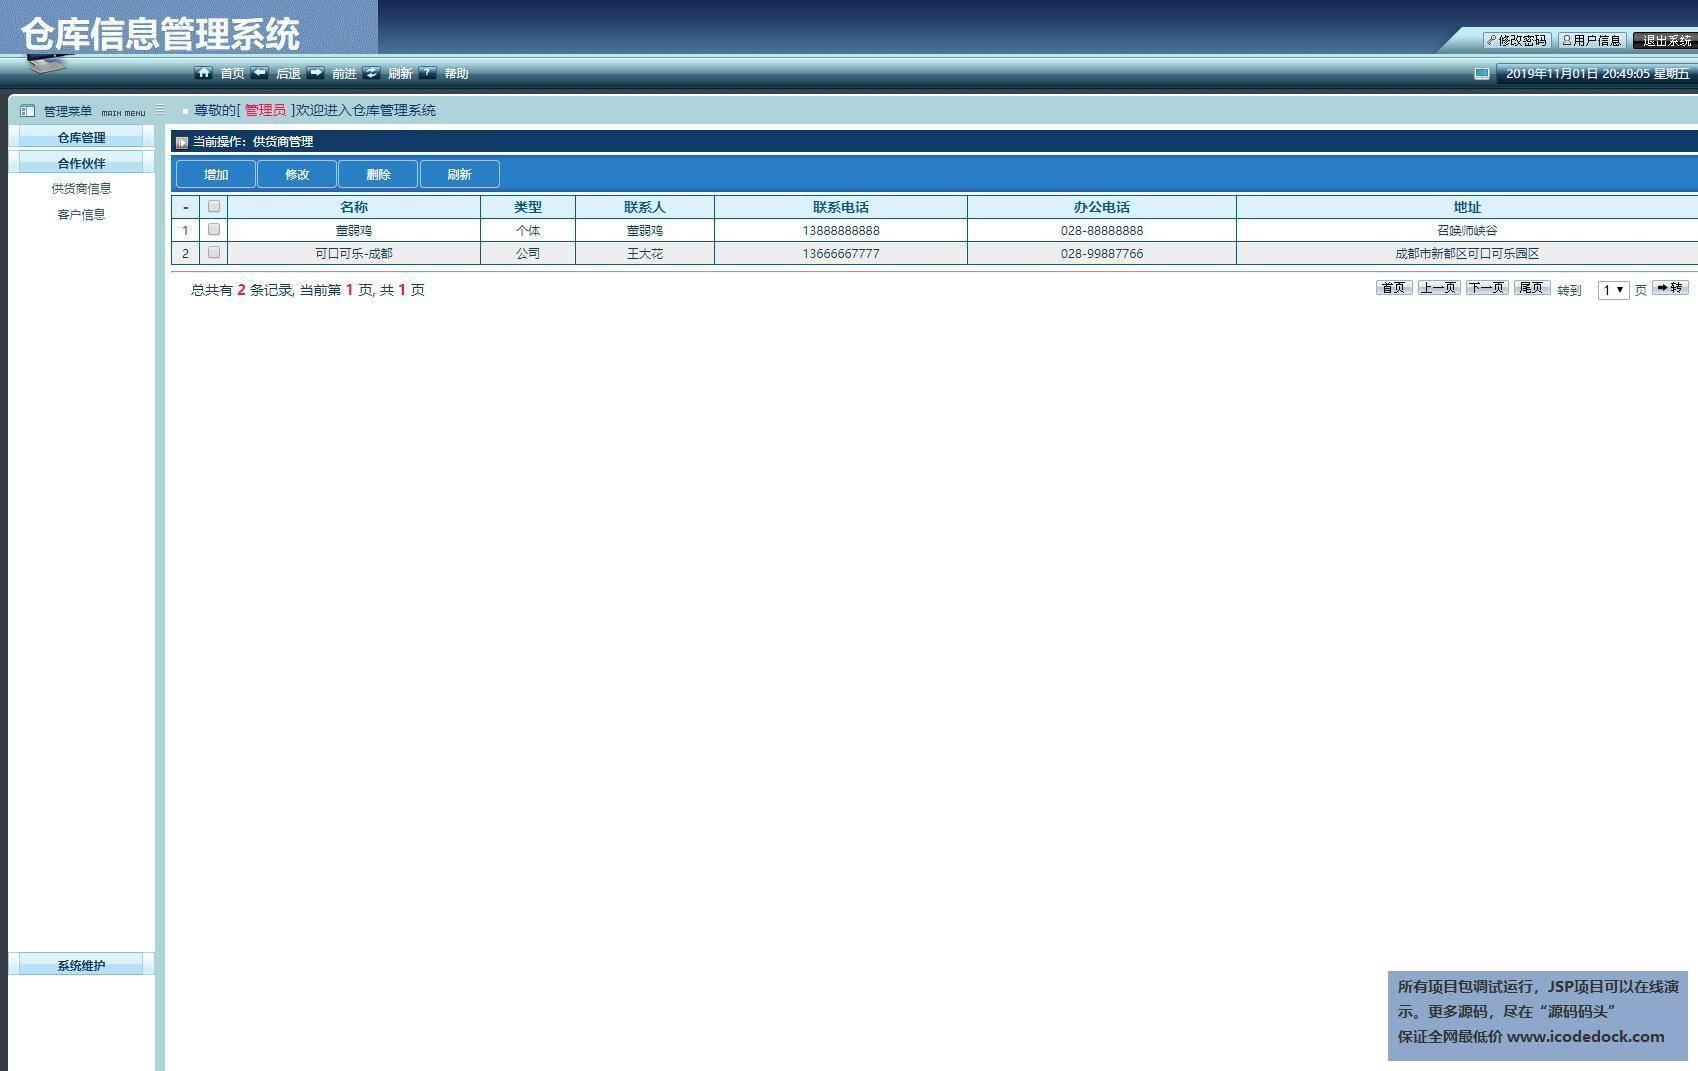 源码码头-SSH仓储管理系统-管理员角色-供应商管理